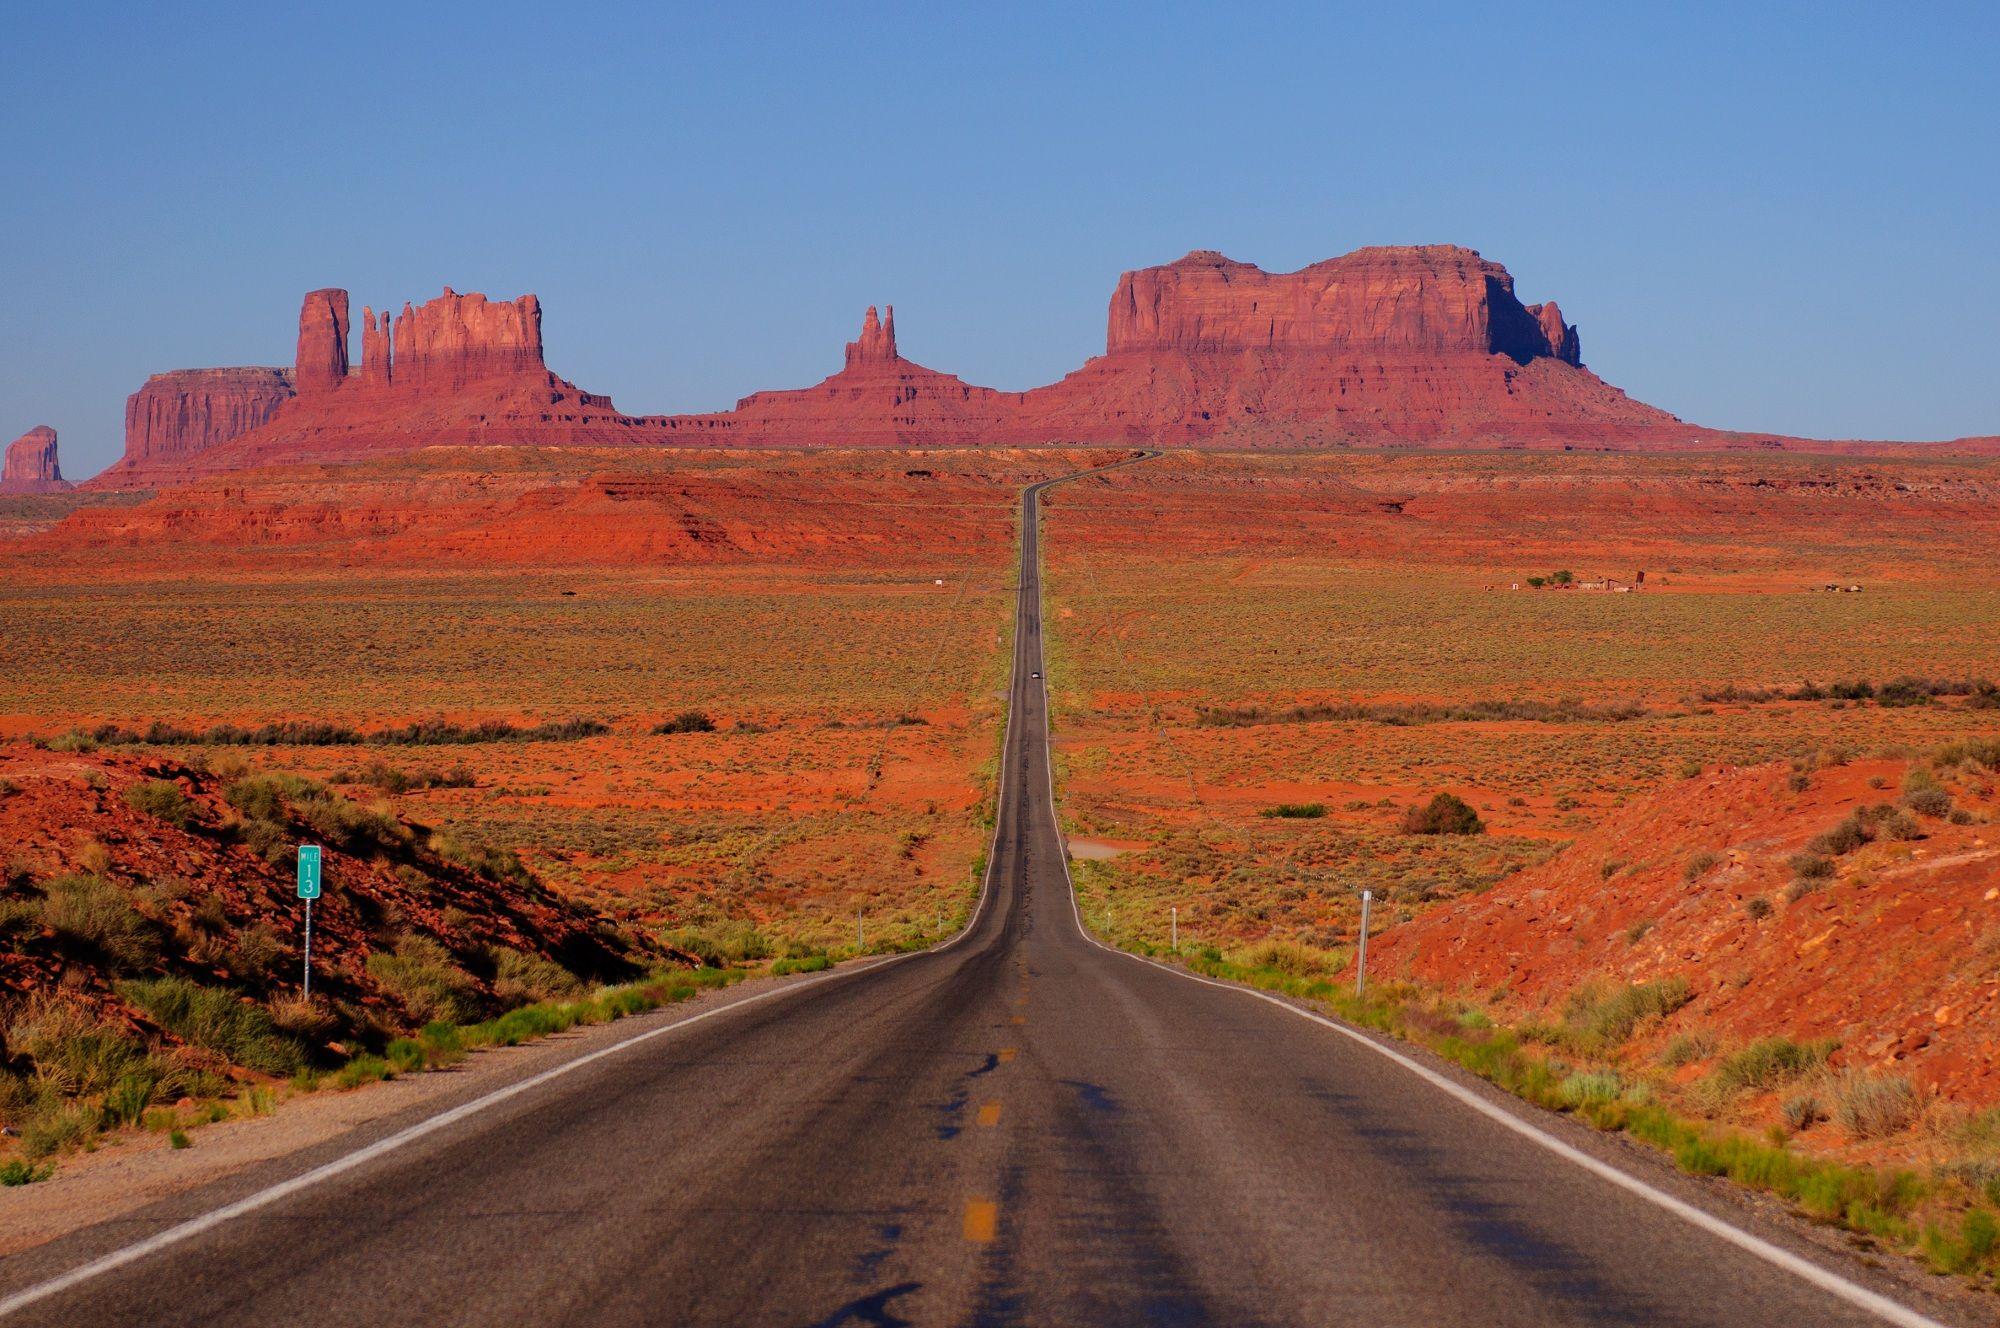 monument-valley-road-top8-parc-nationaux-etats-unis